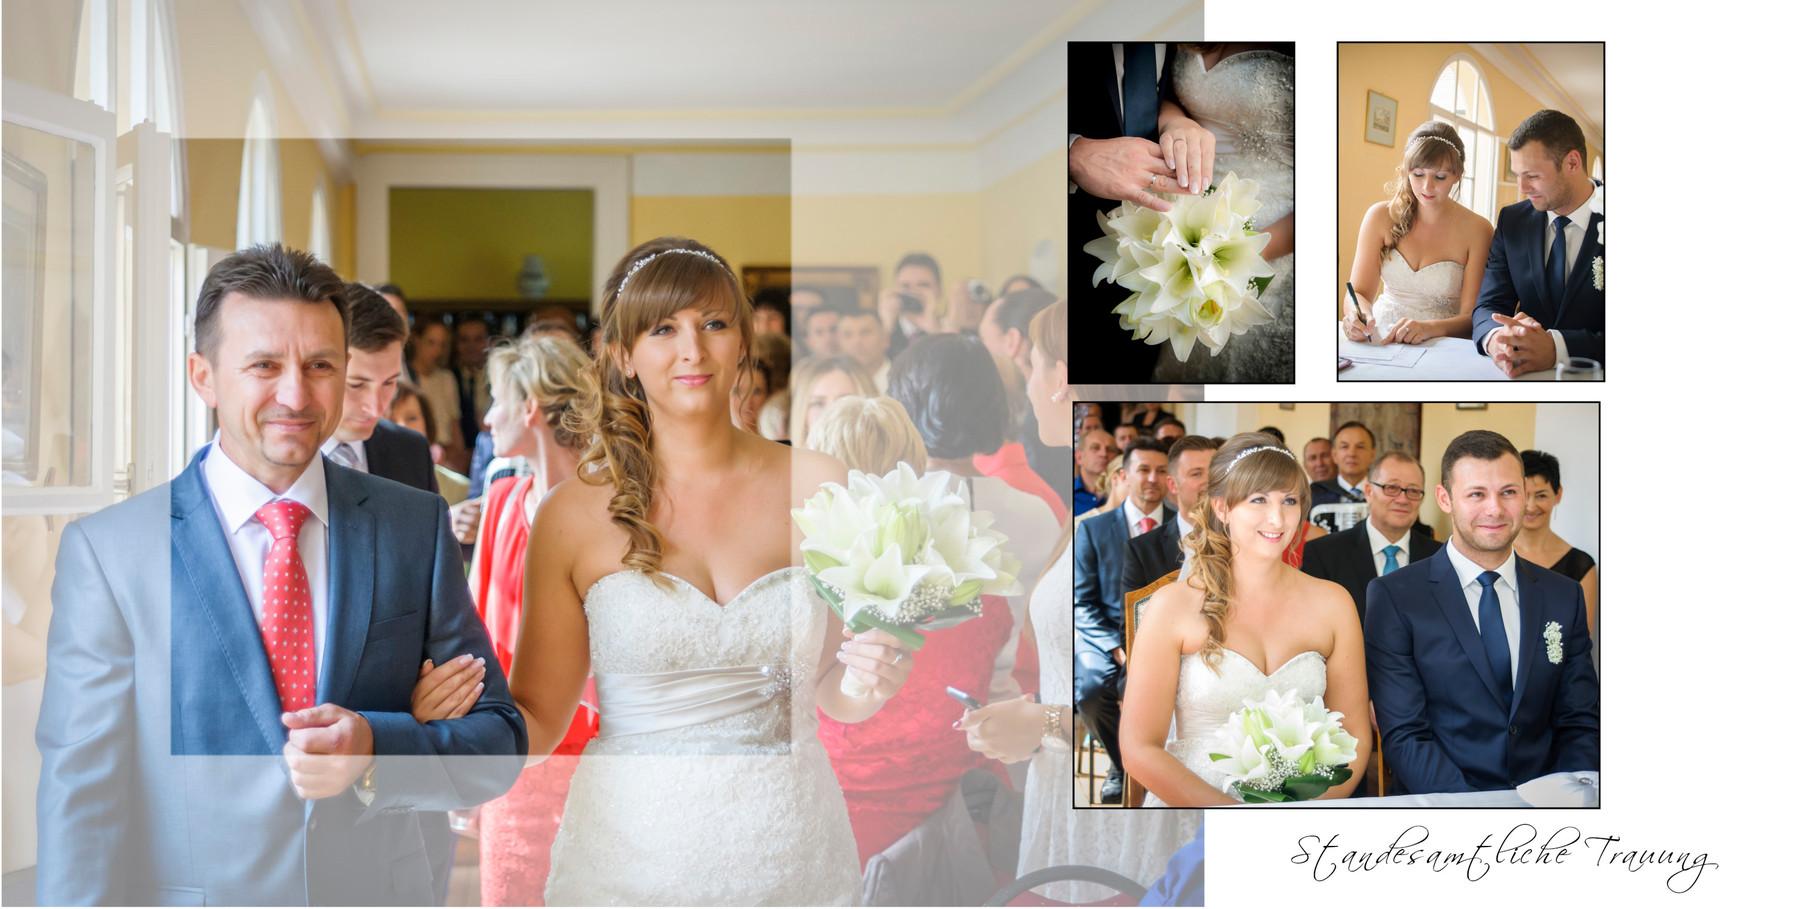 Hochzeitsfotograf für standesamtliche Trauung in Schloss Guteneck